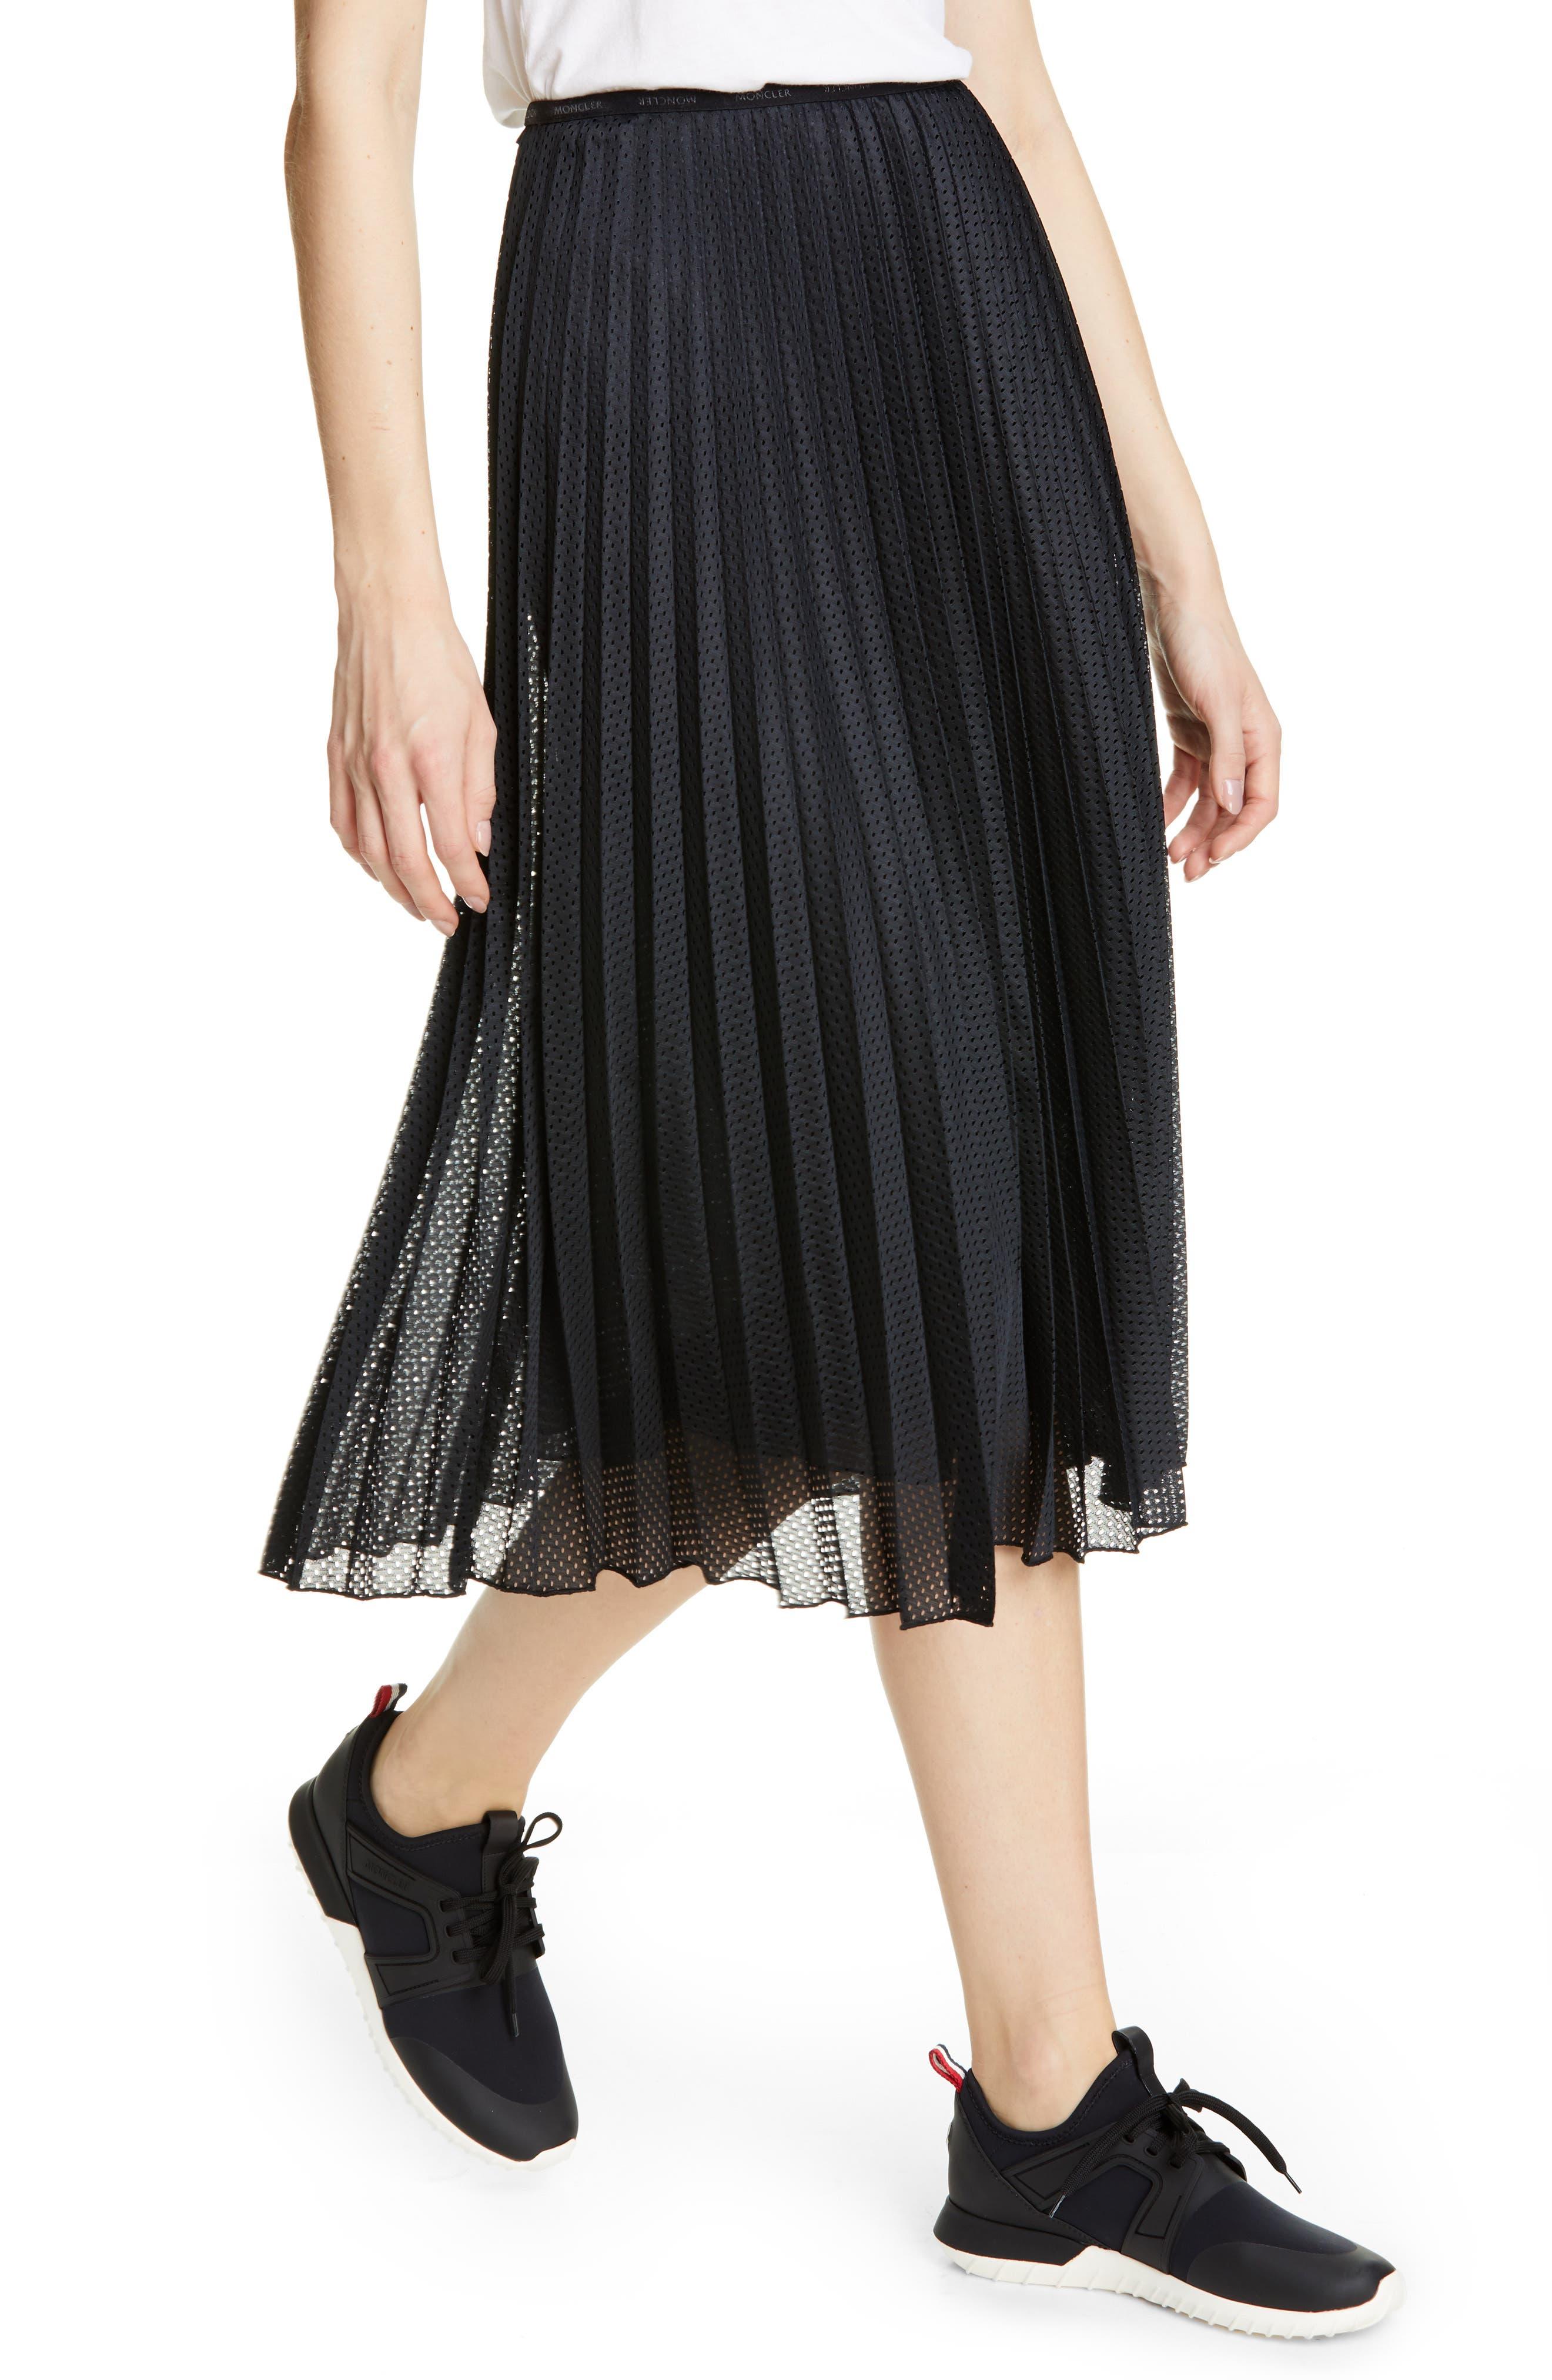 MONCLER, Pleated Mesh Skirt, Alternate thumbnail 4, color, 001